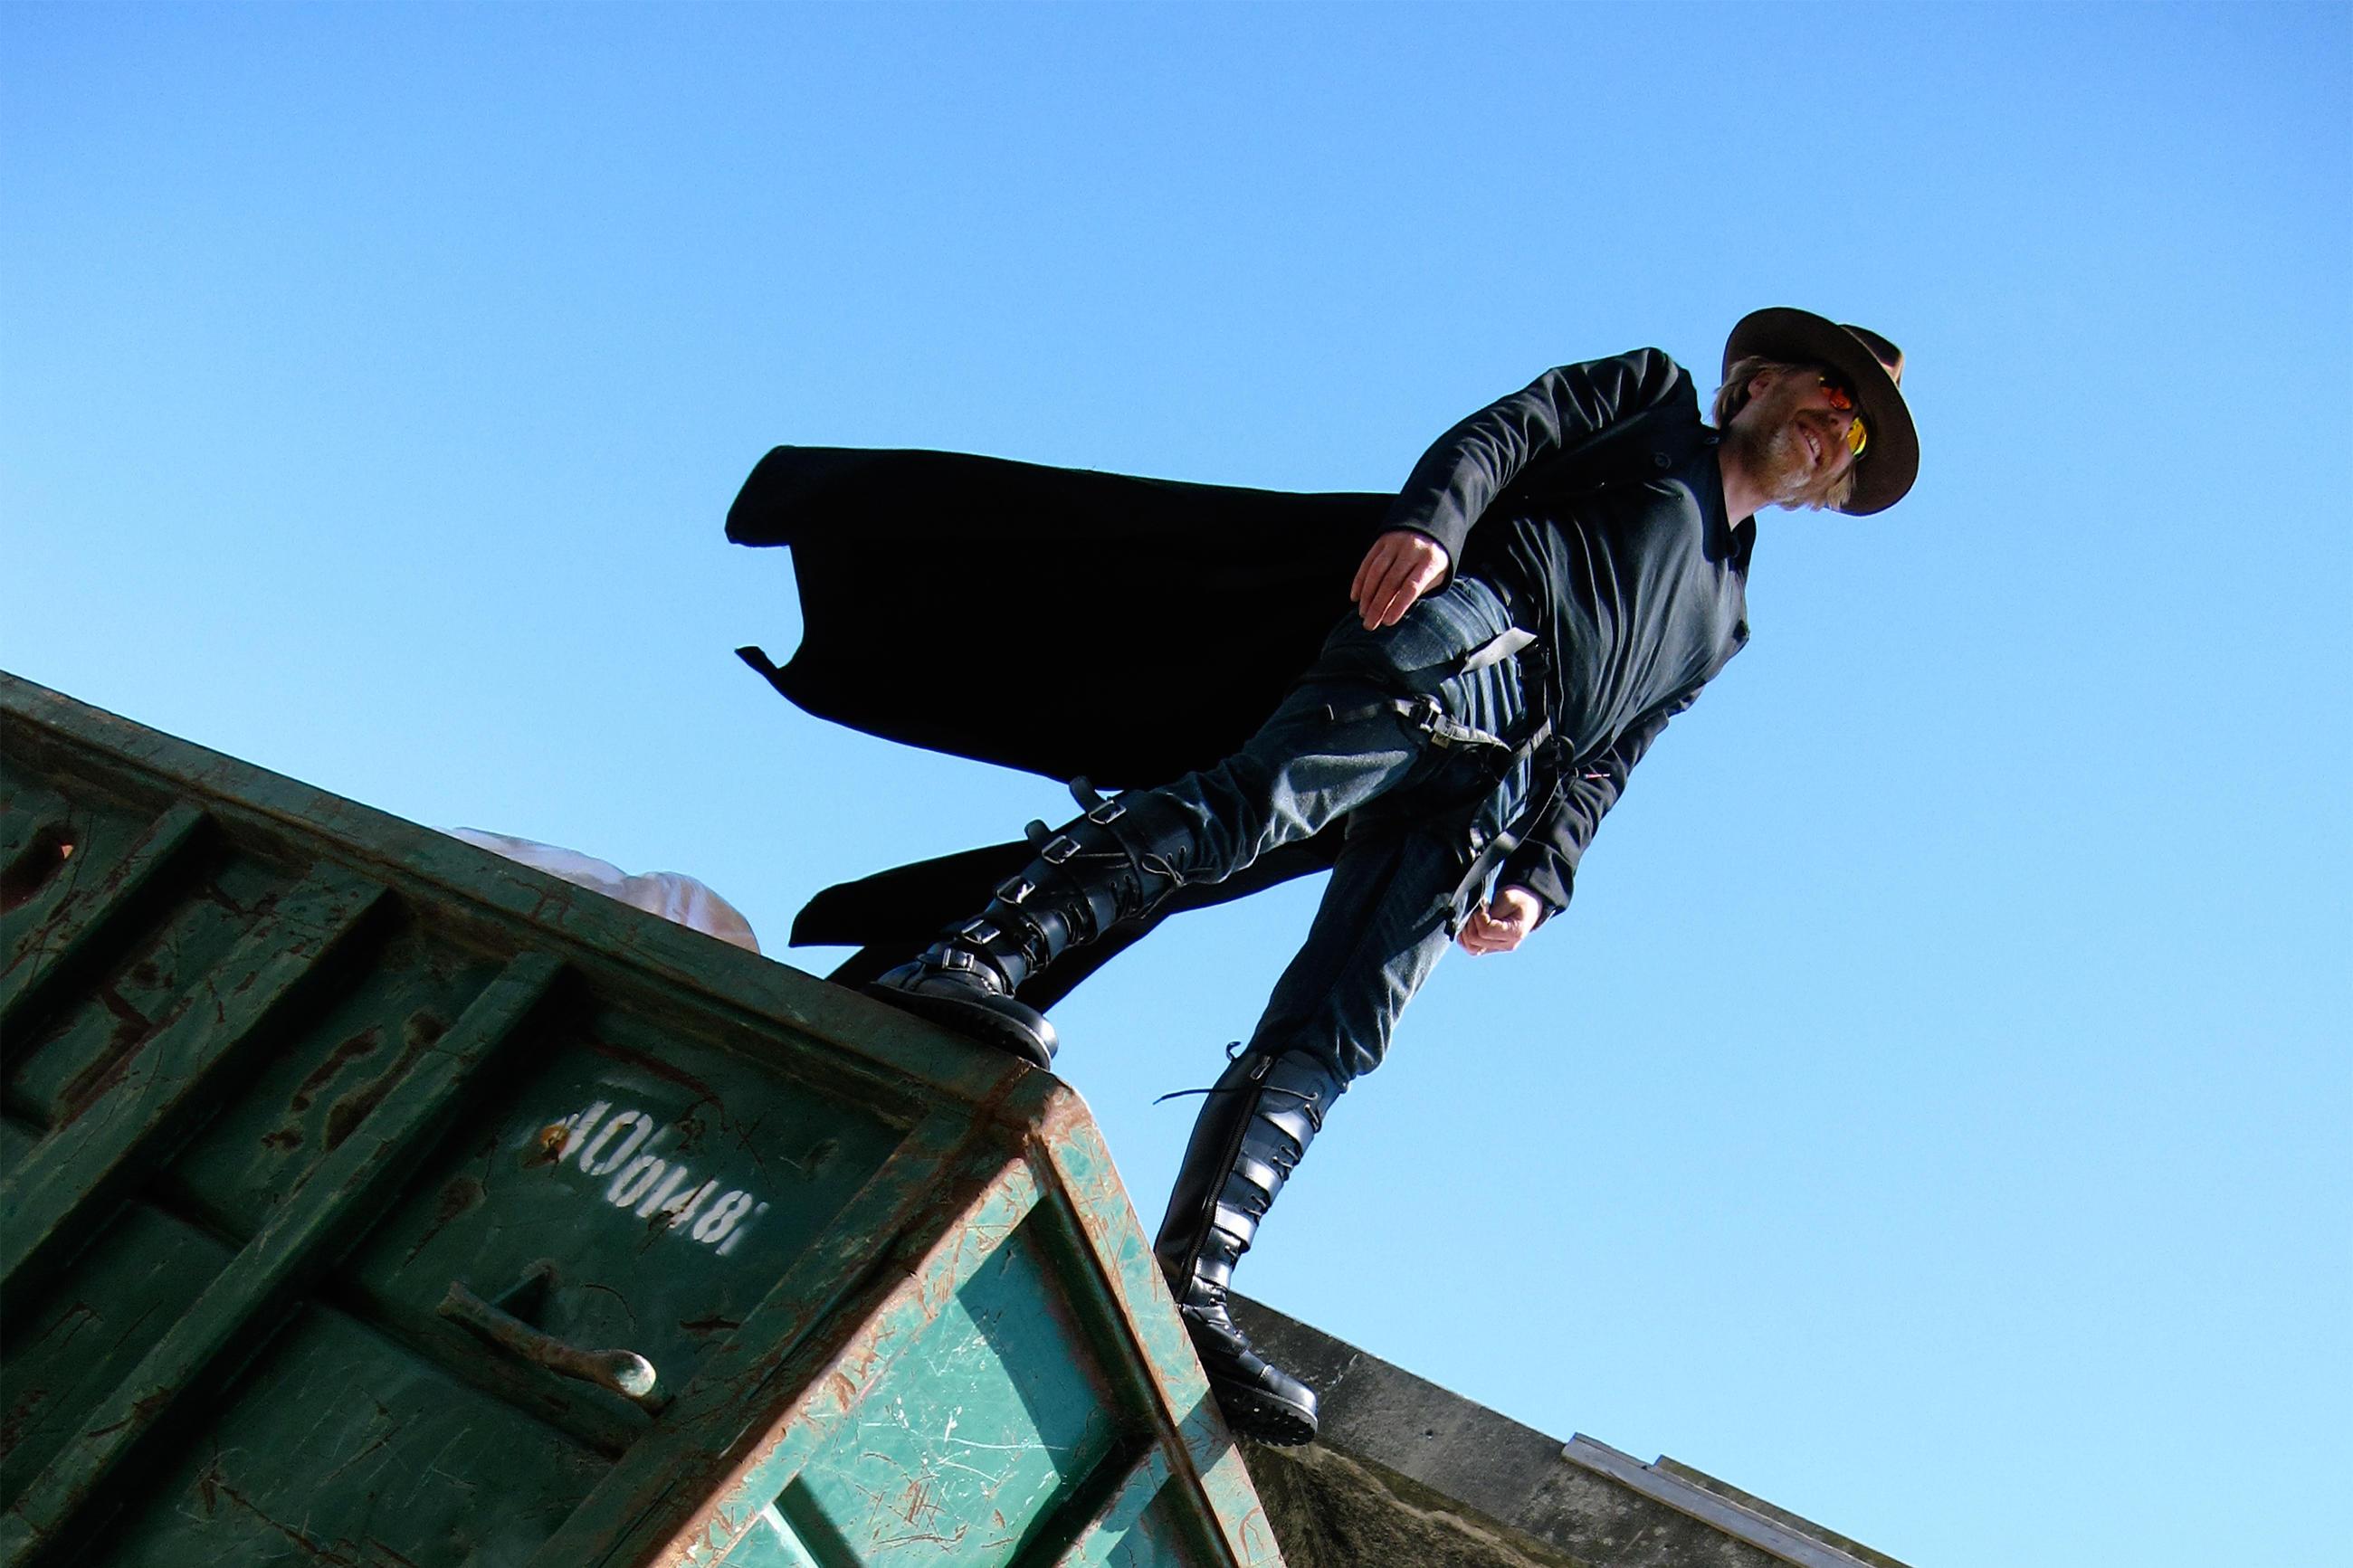 Dumpster Diving (2009)